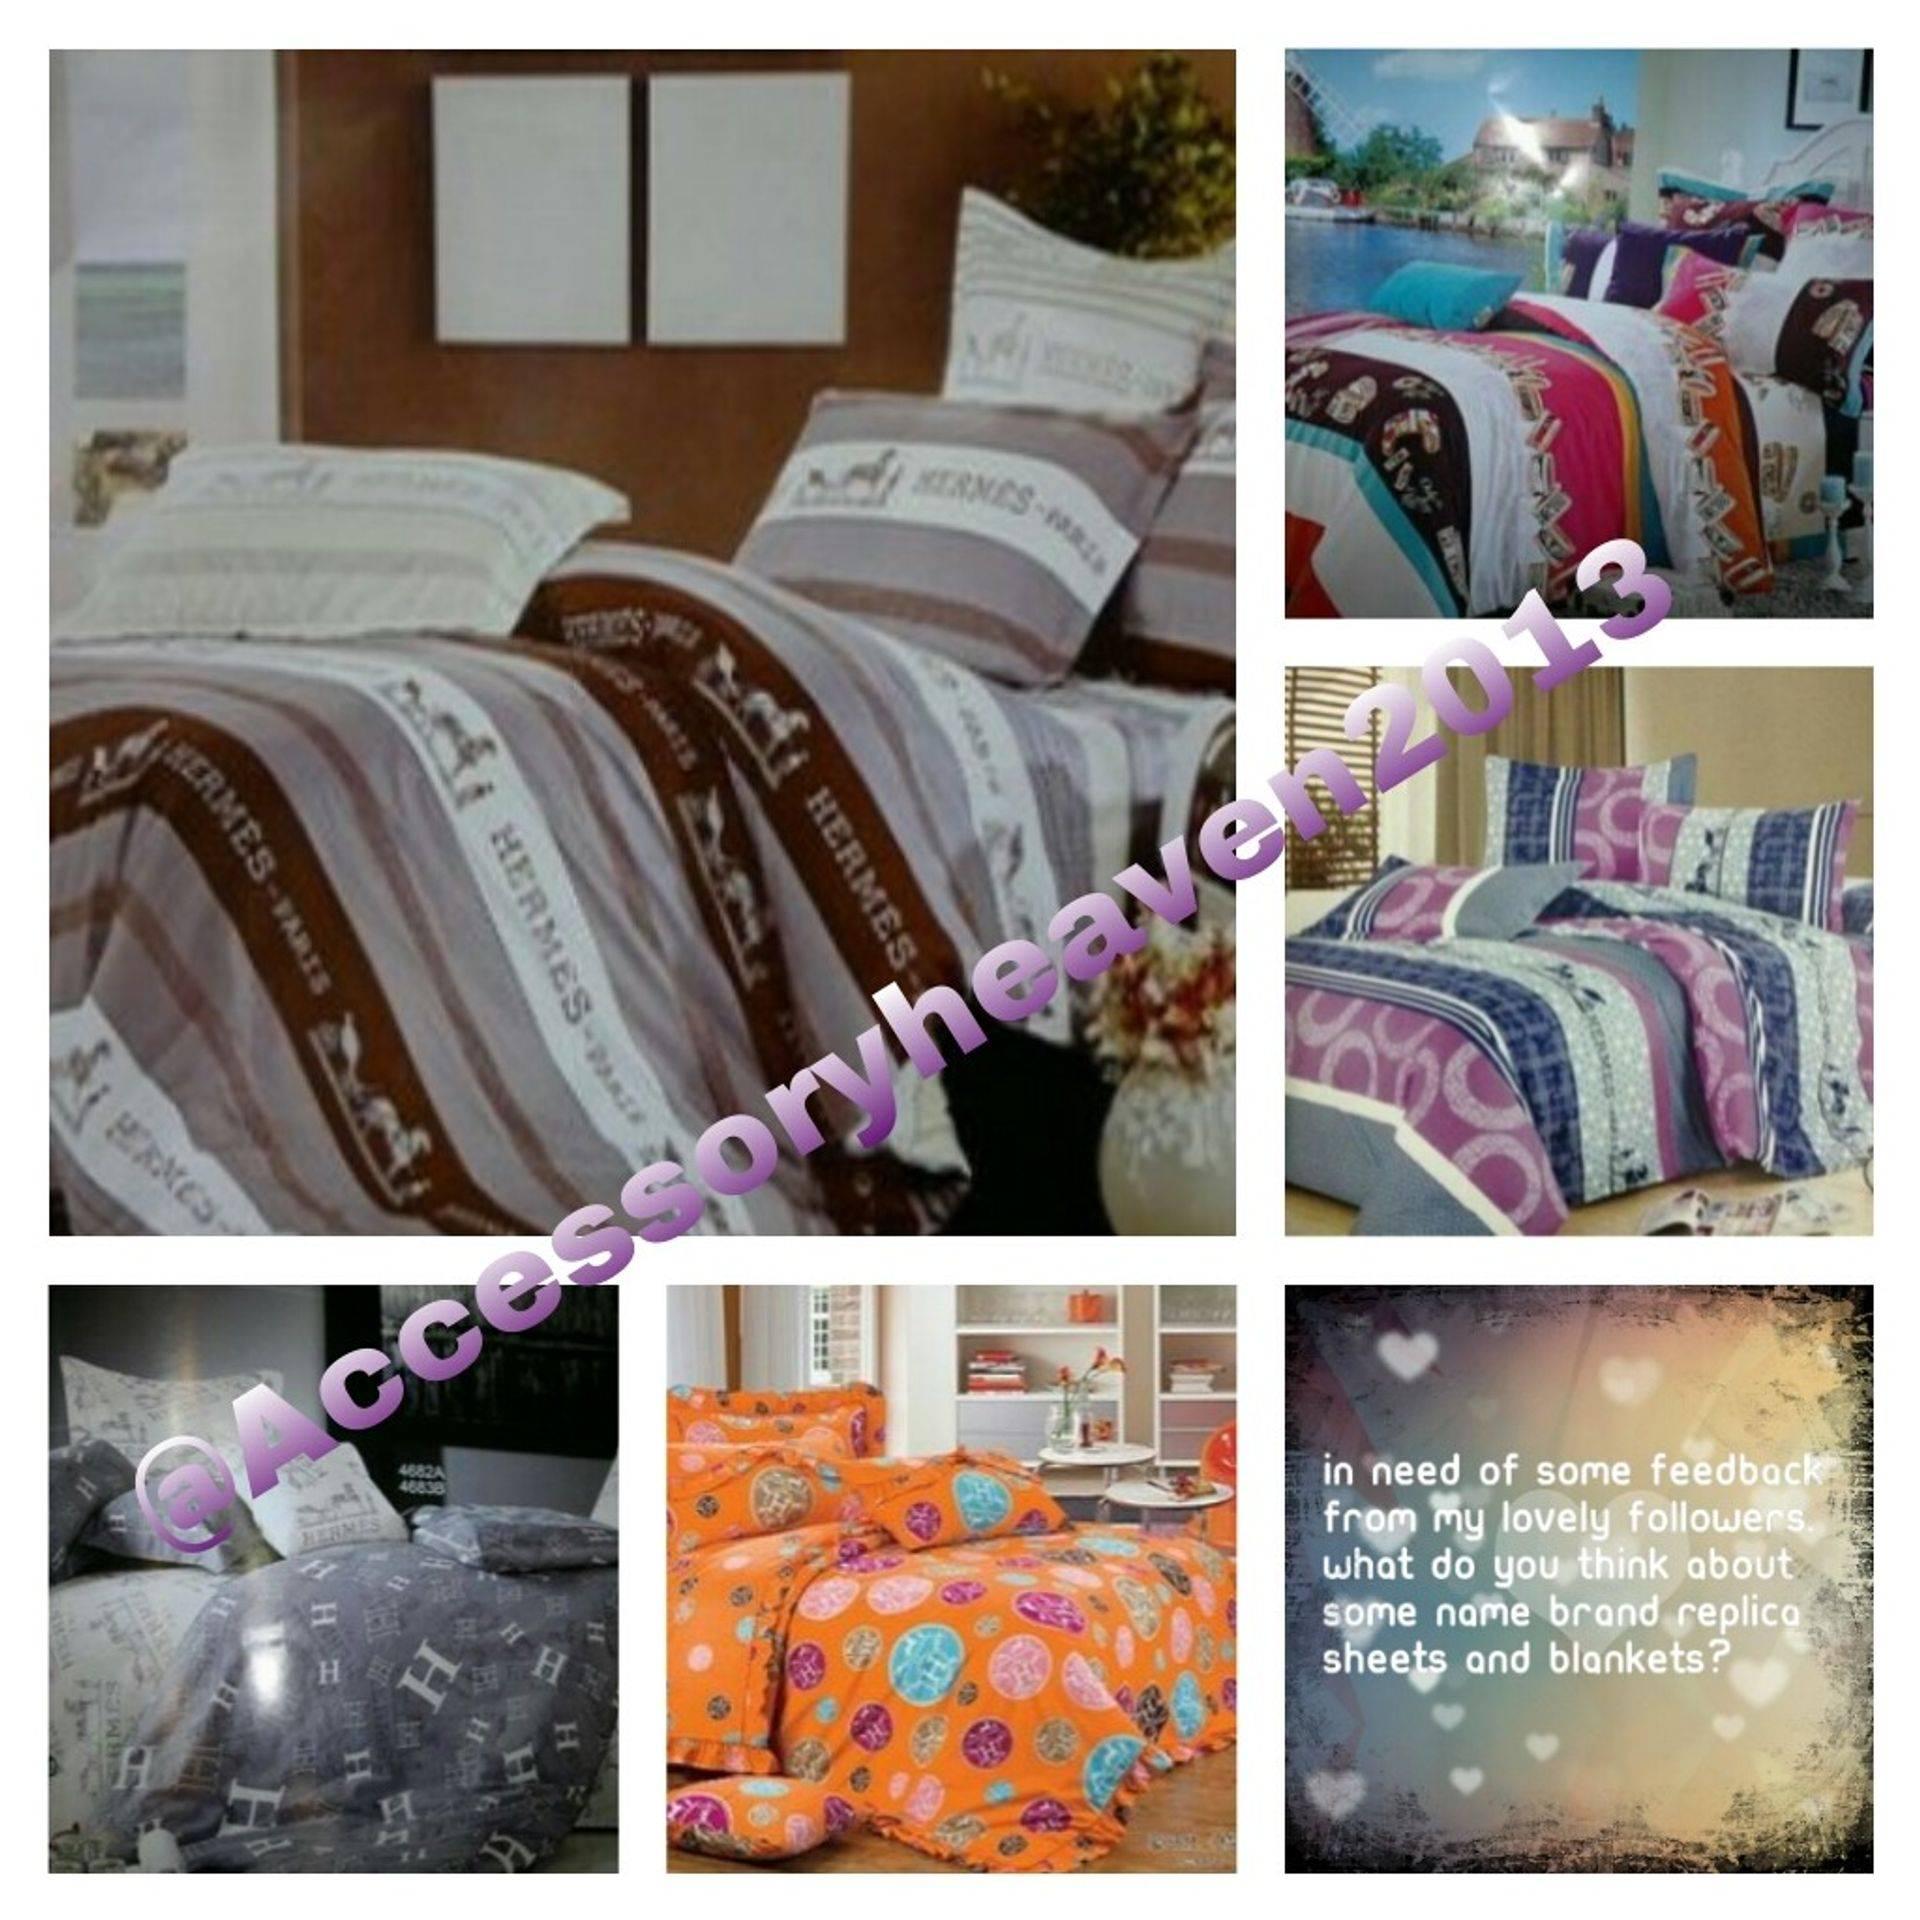 Hermes bedroom sheet sets